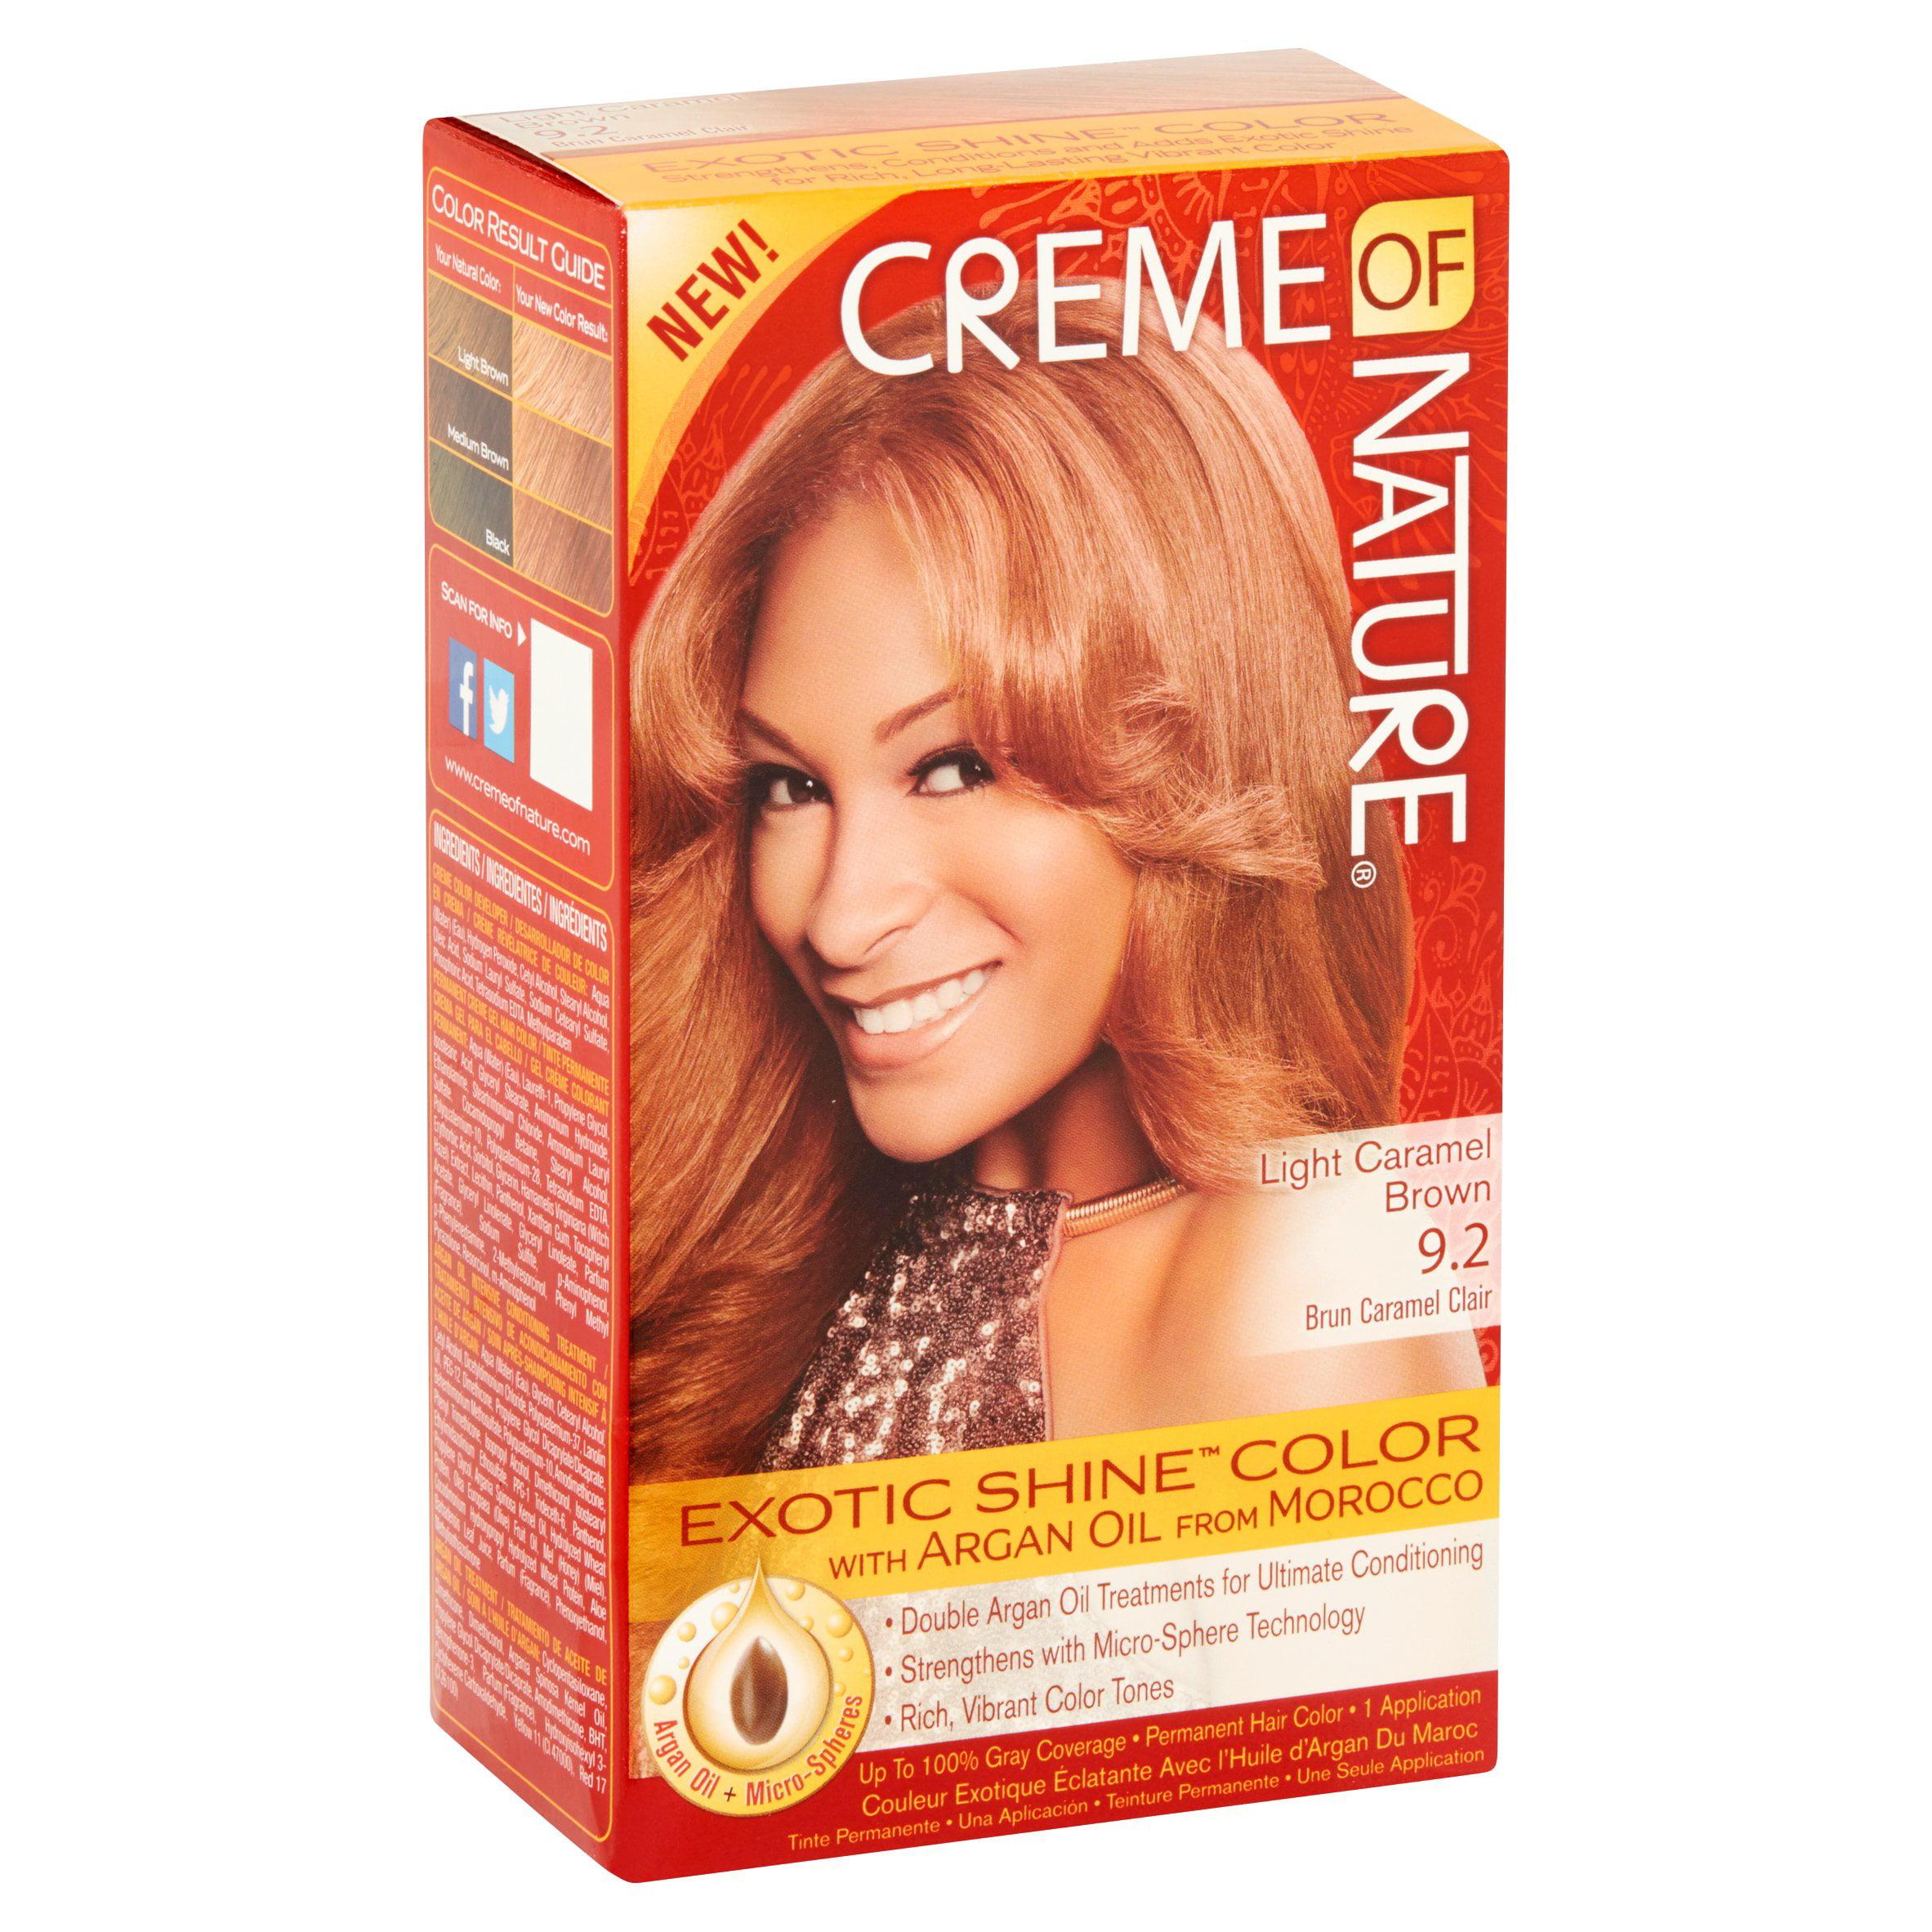 Creme Of Nature Light Caramel Brown 92 Brun Caramel Clair Permanent